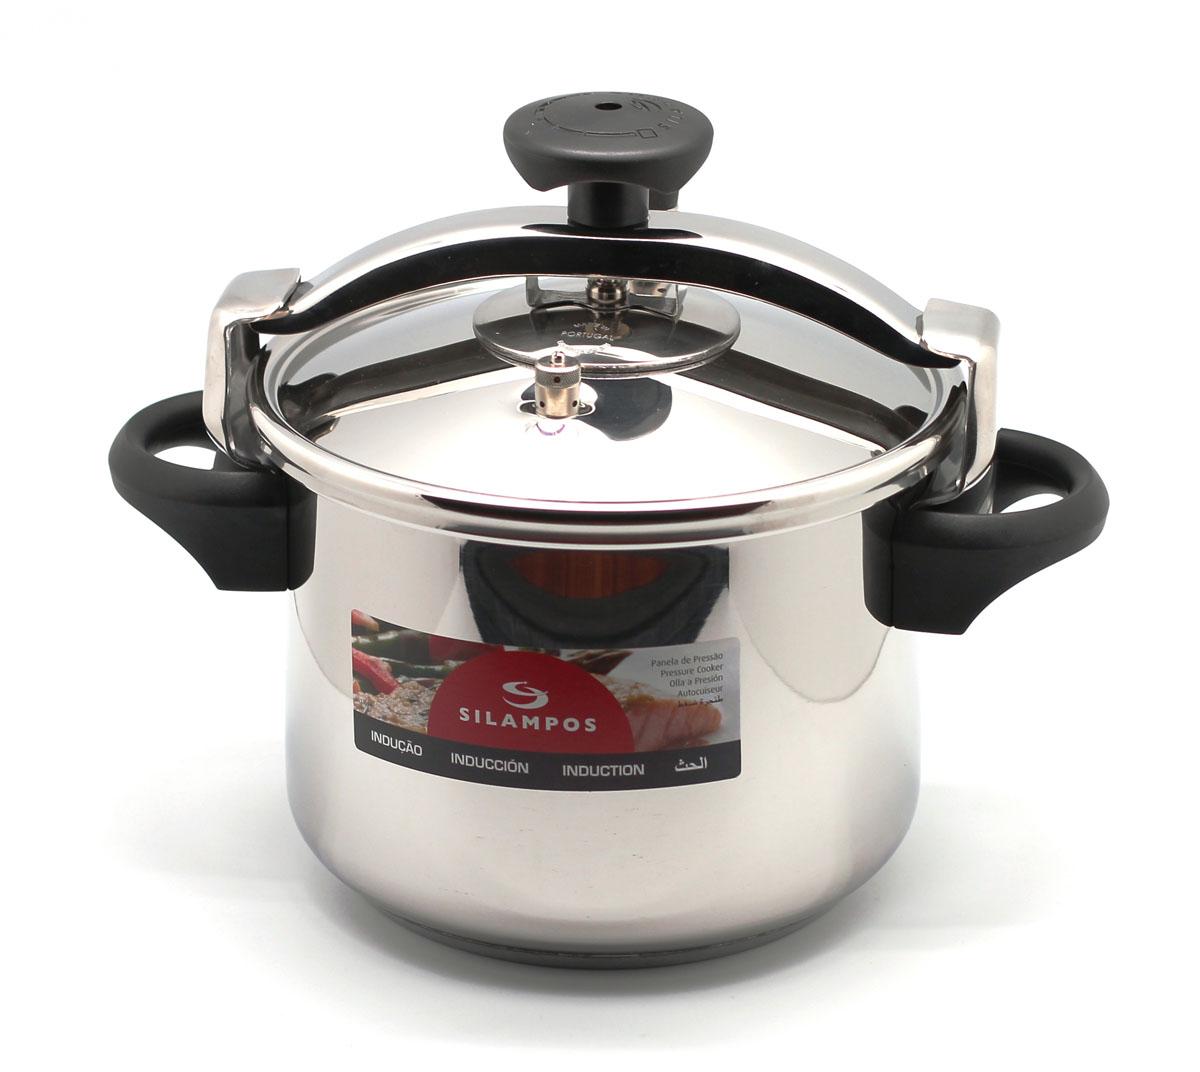 Скороварка  Silampos , с корзиной, 4,5 л - Посуда для приготовления